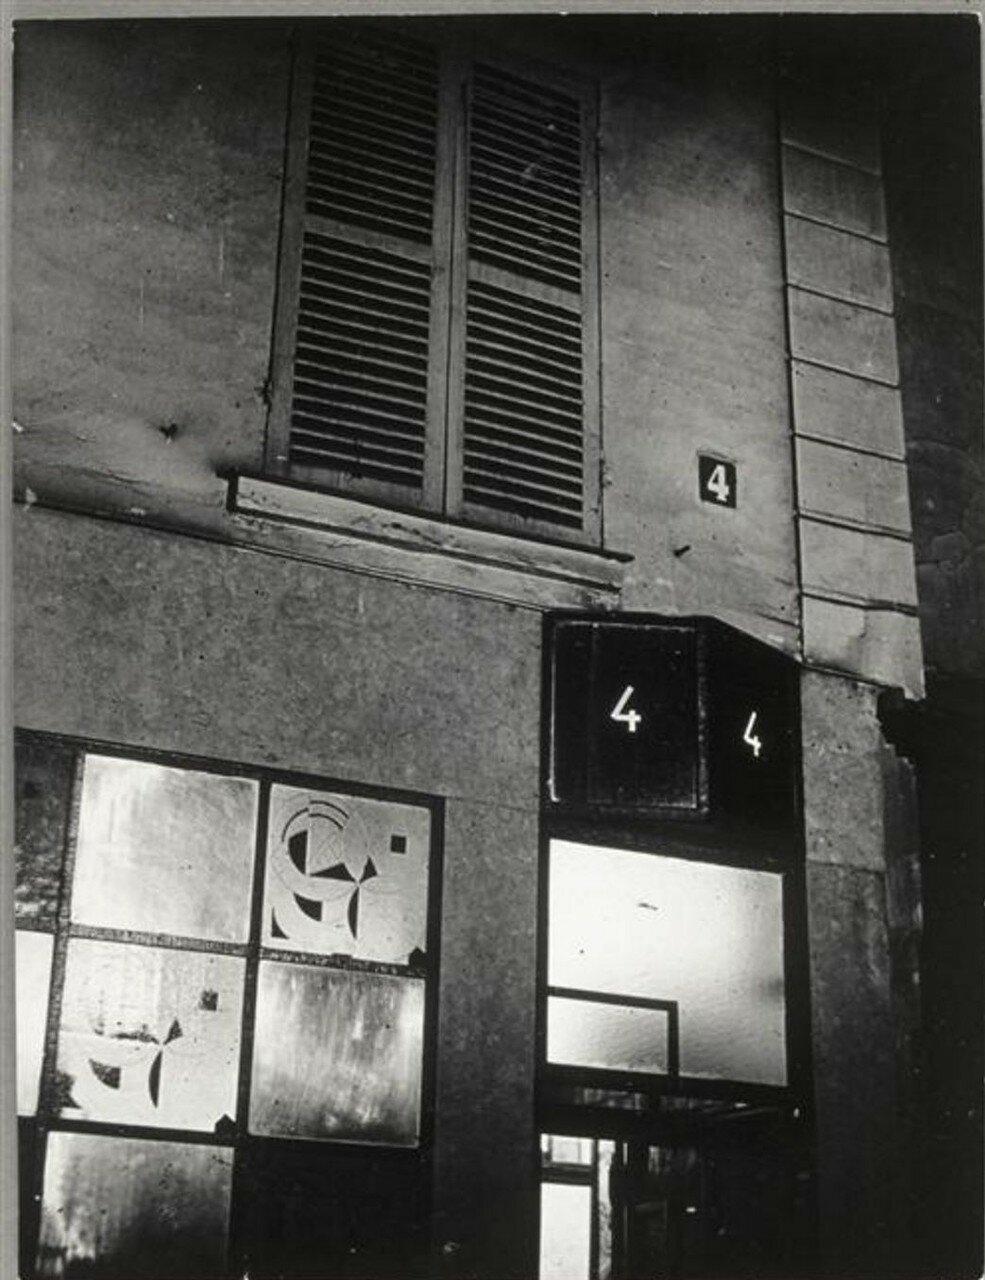 1931. Бордель в Порт-Сен-Дени